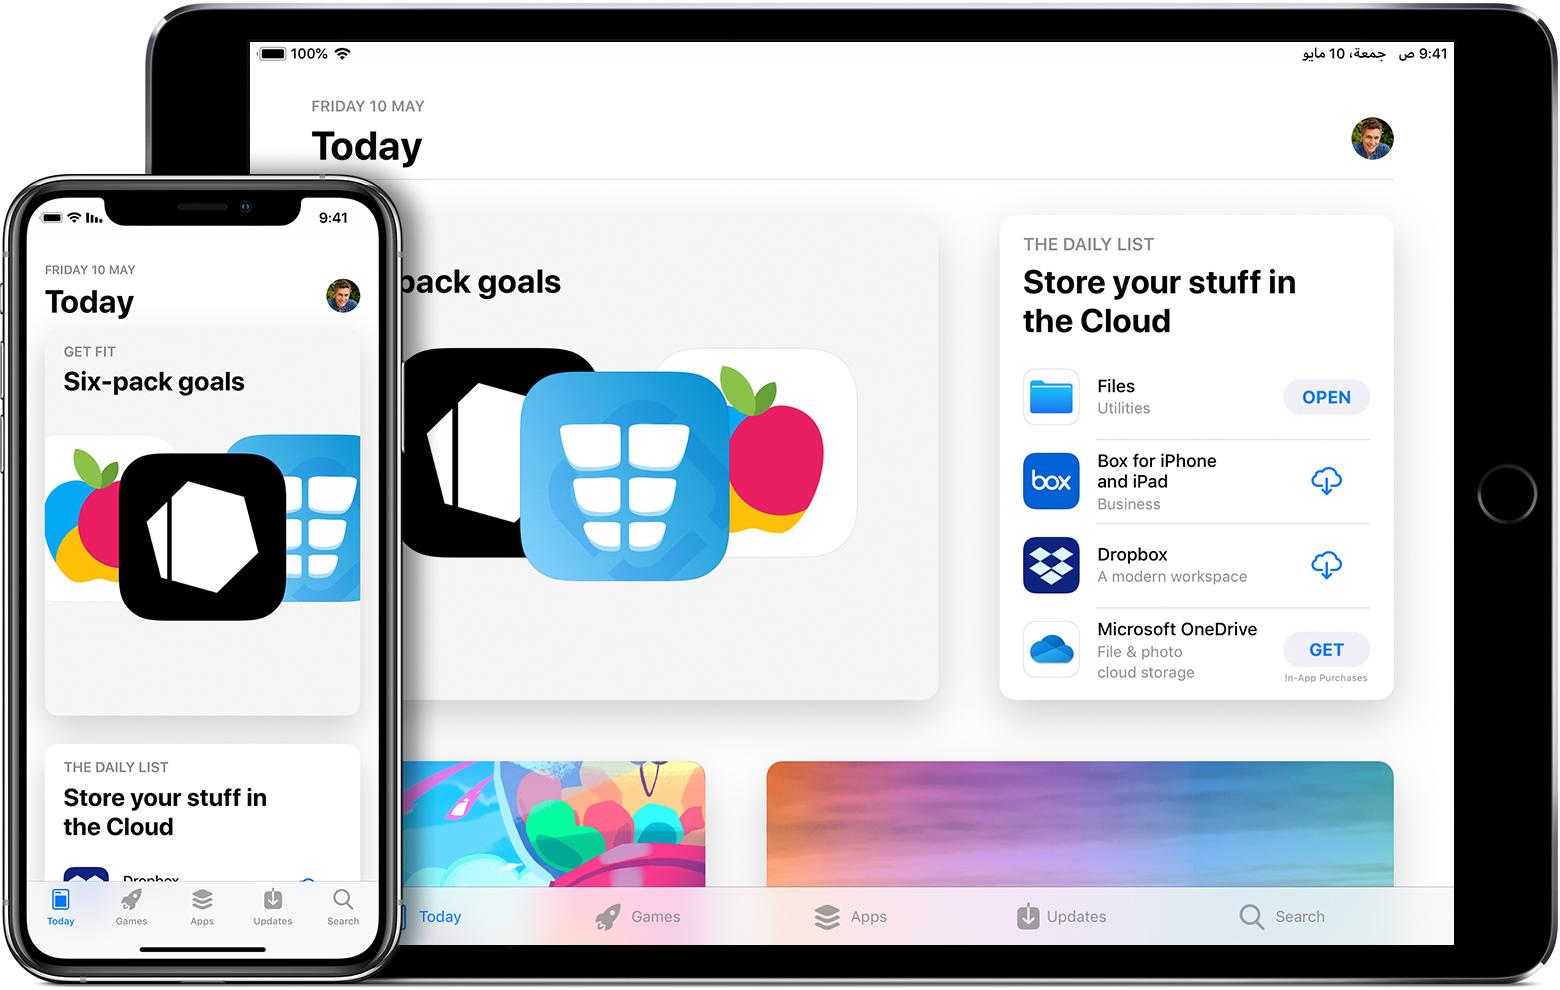 02a9c6c9f تنزيل التطبيقات والألعاب باستخدام App Store - Apple الدعم